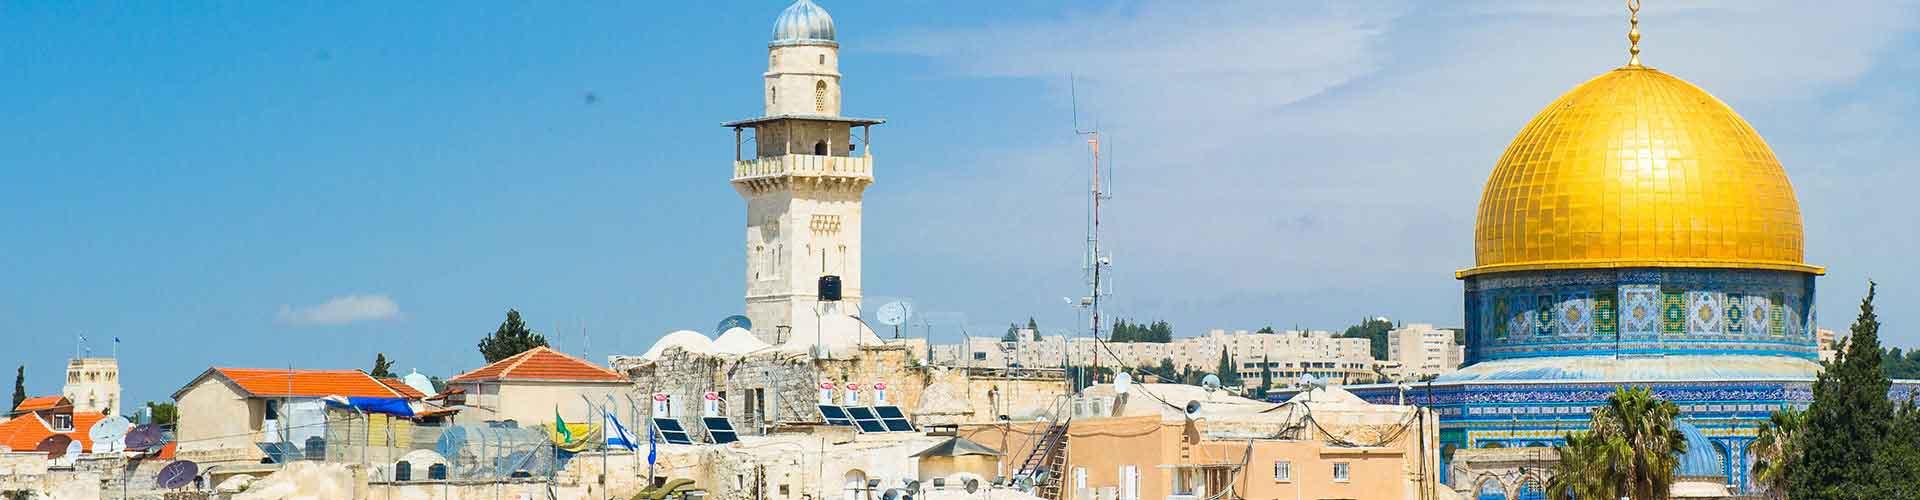 예루살렘 - 예루살렘에 위치한 캠핑장.  예루살렘의 지도, 예루살렘에 위치한 캠핑장에 대한 사진 및 리뷰.